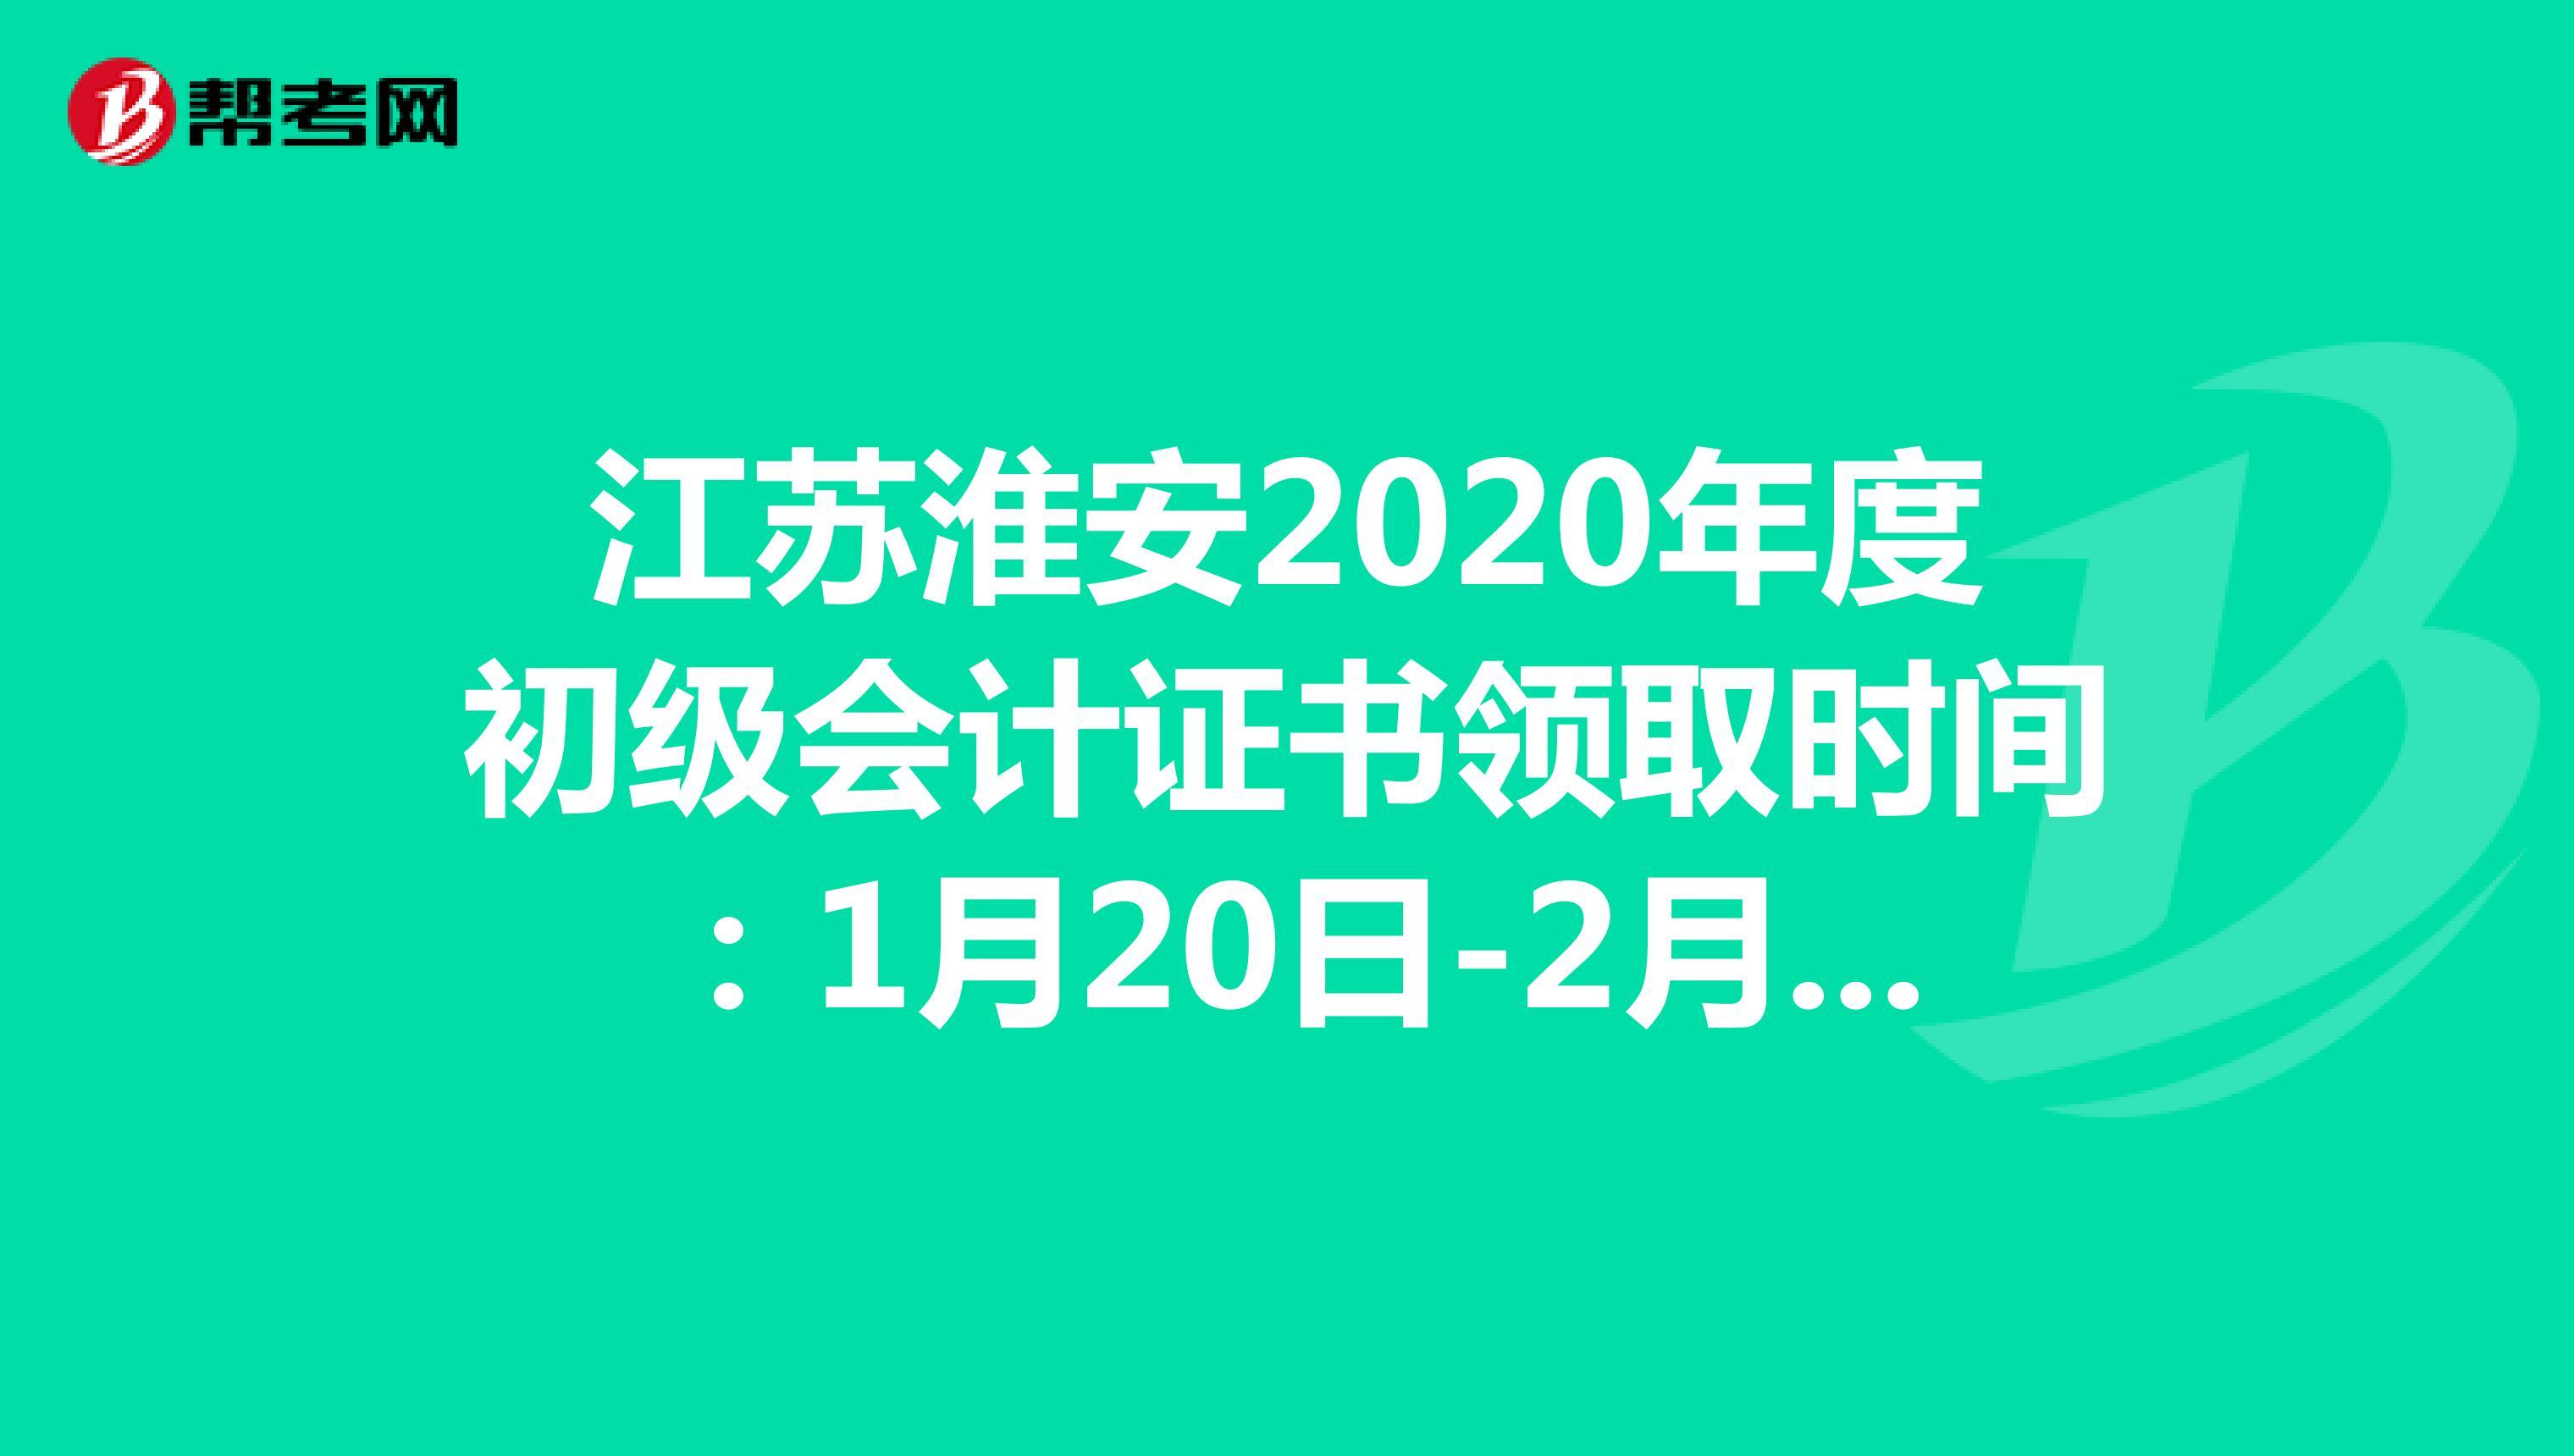 江苏淮安2020年度初级会计证书领取时间:1月20日-2月5日